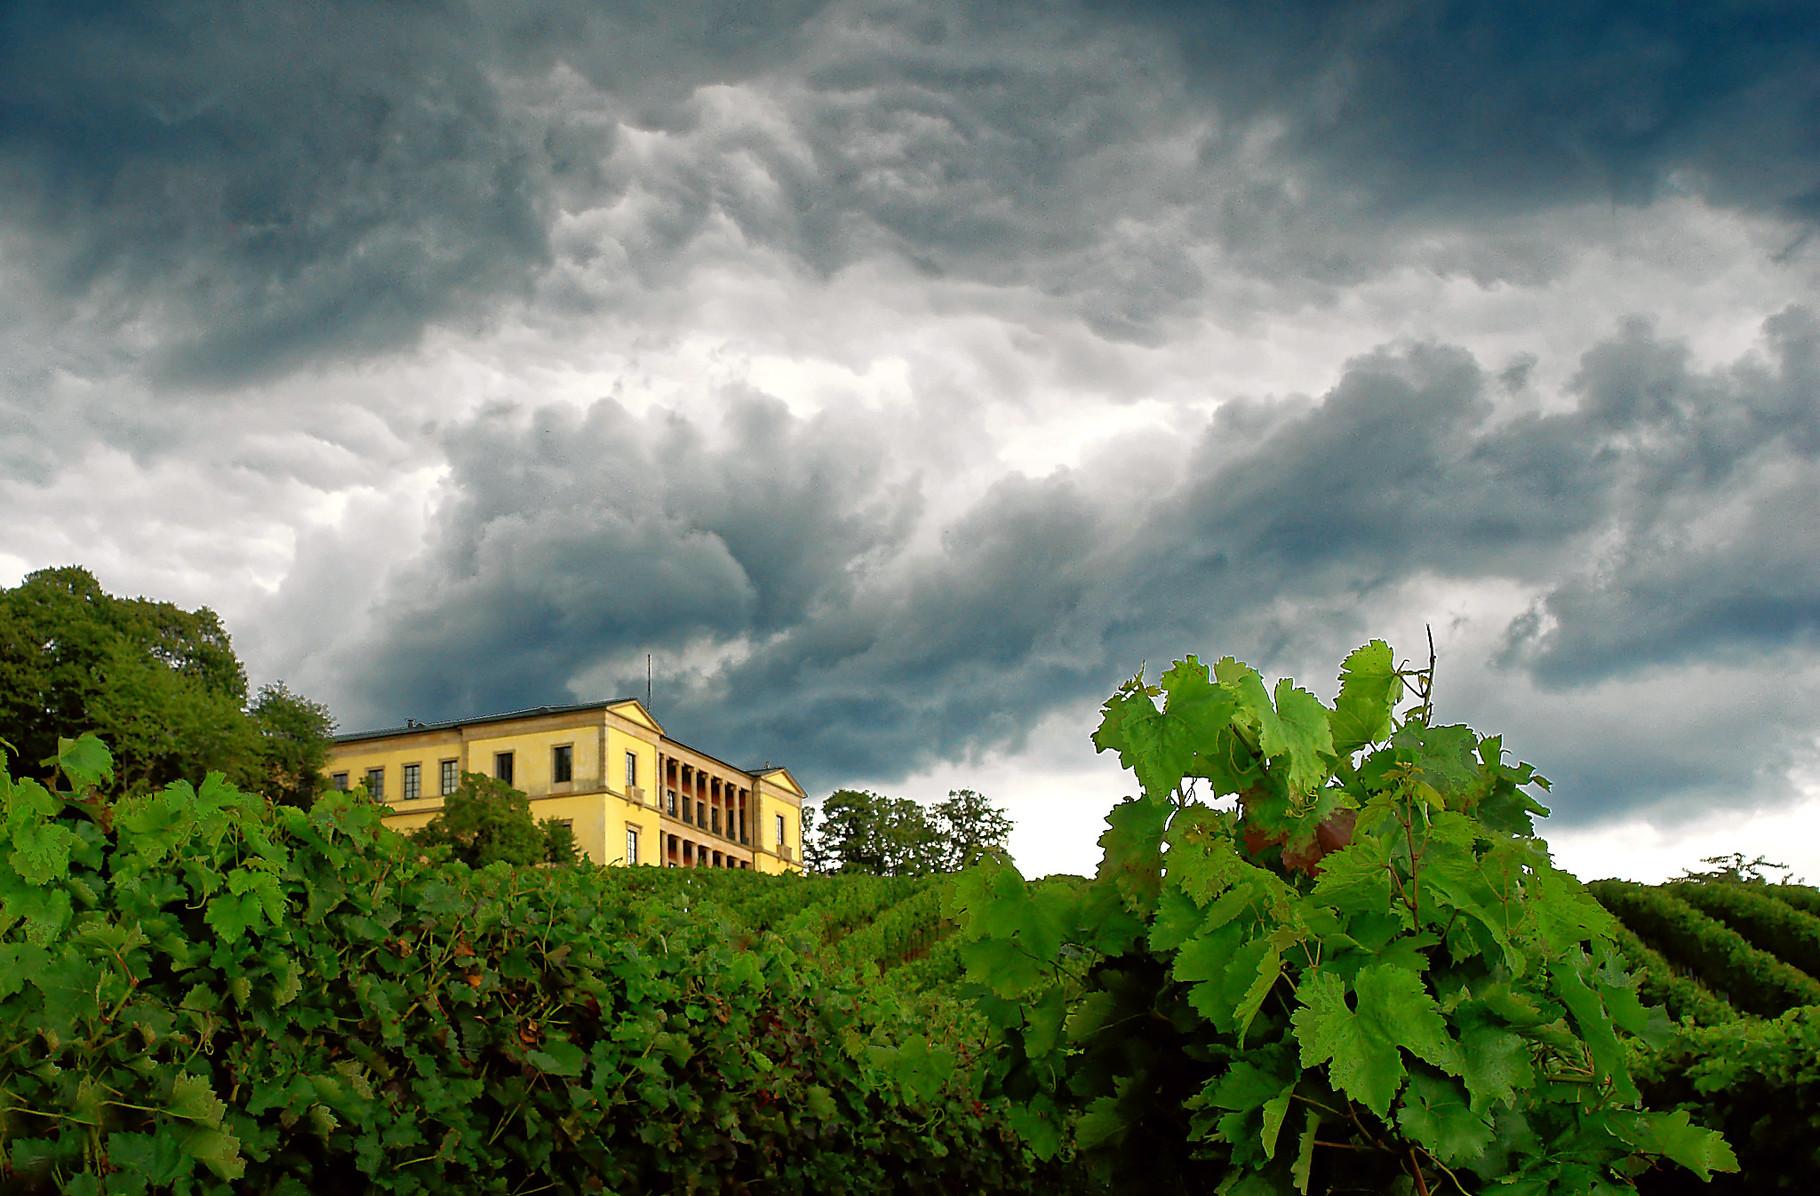 Schloß Villa Ludwigshöhe kurz vor einem Sommergewitter